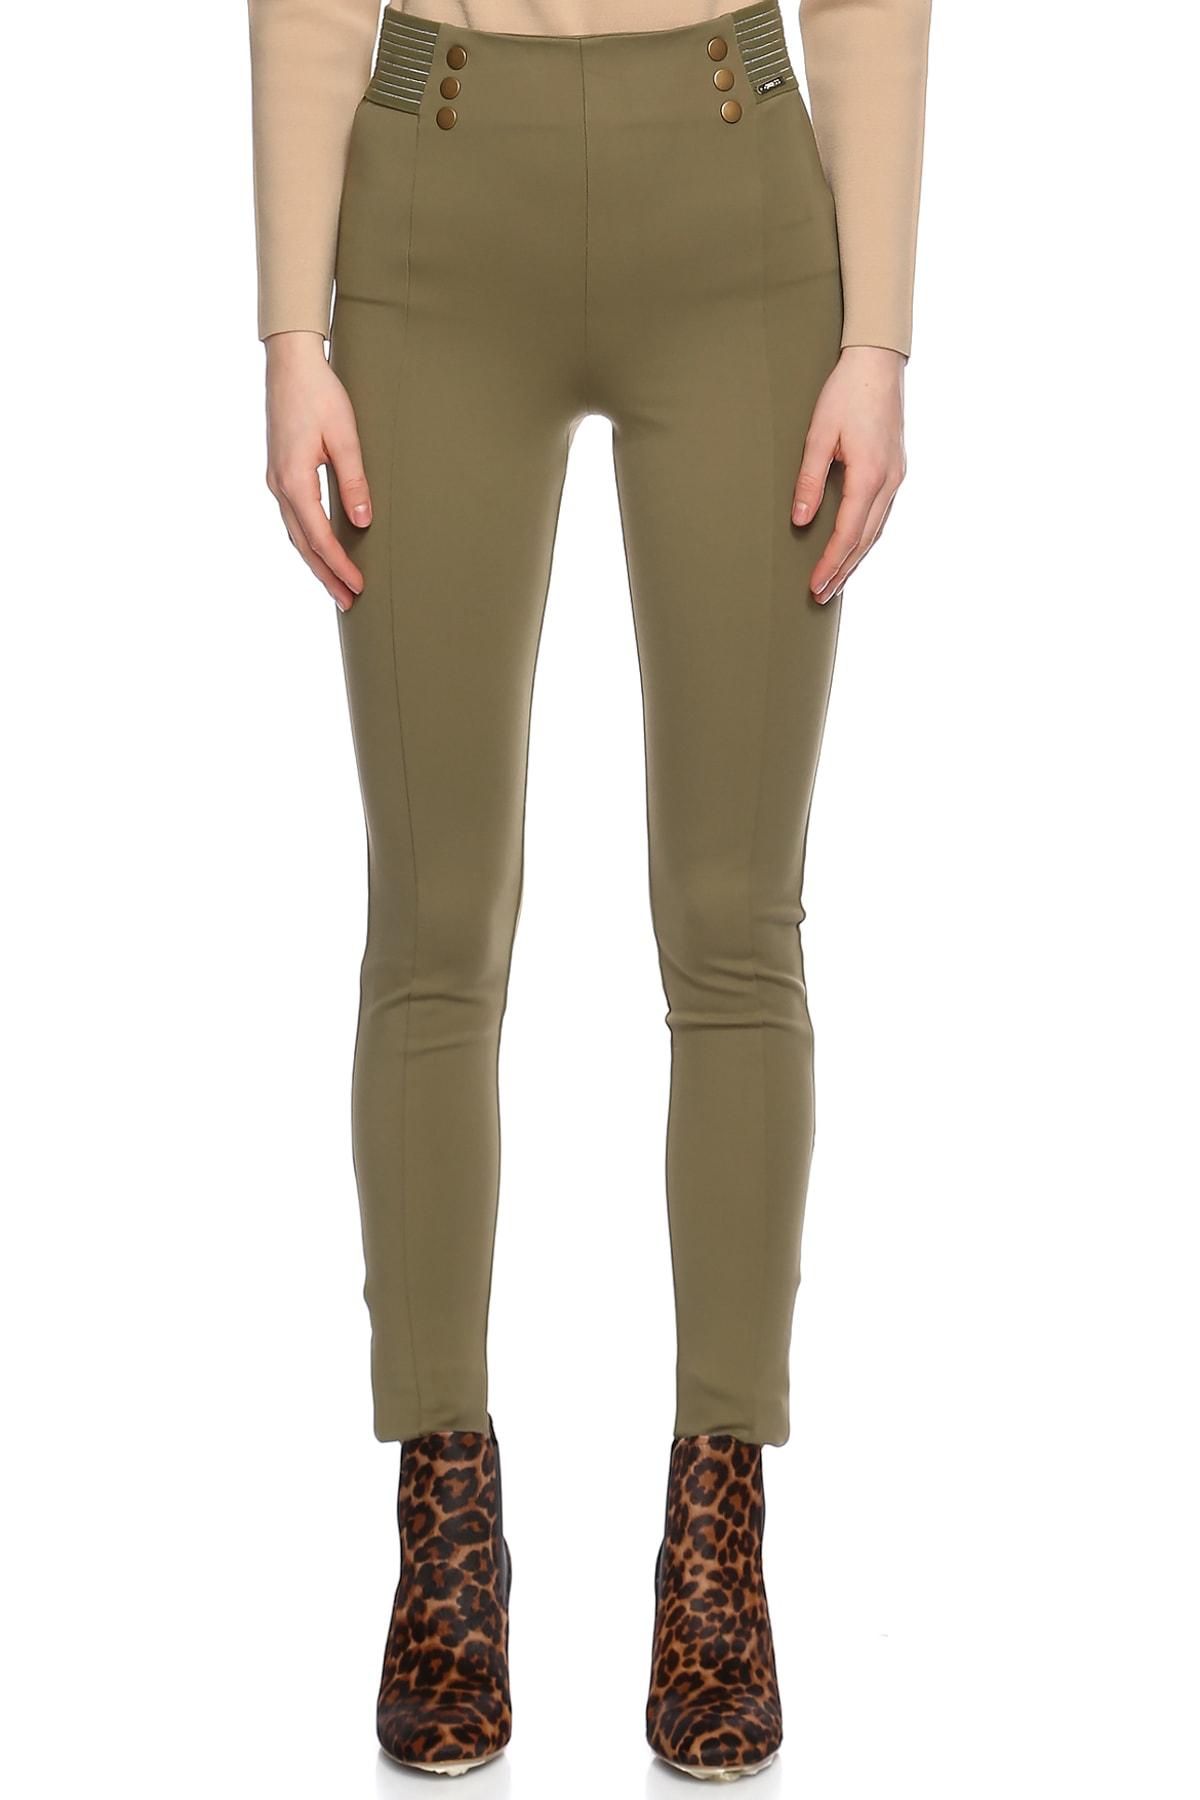 Dar Kesim Yeşil Pantolon